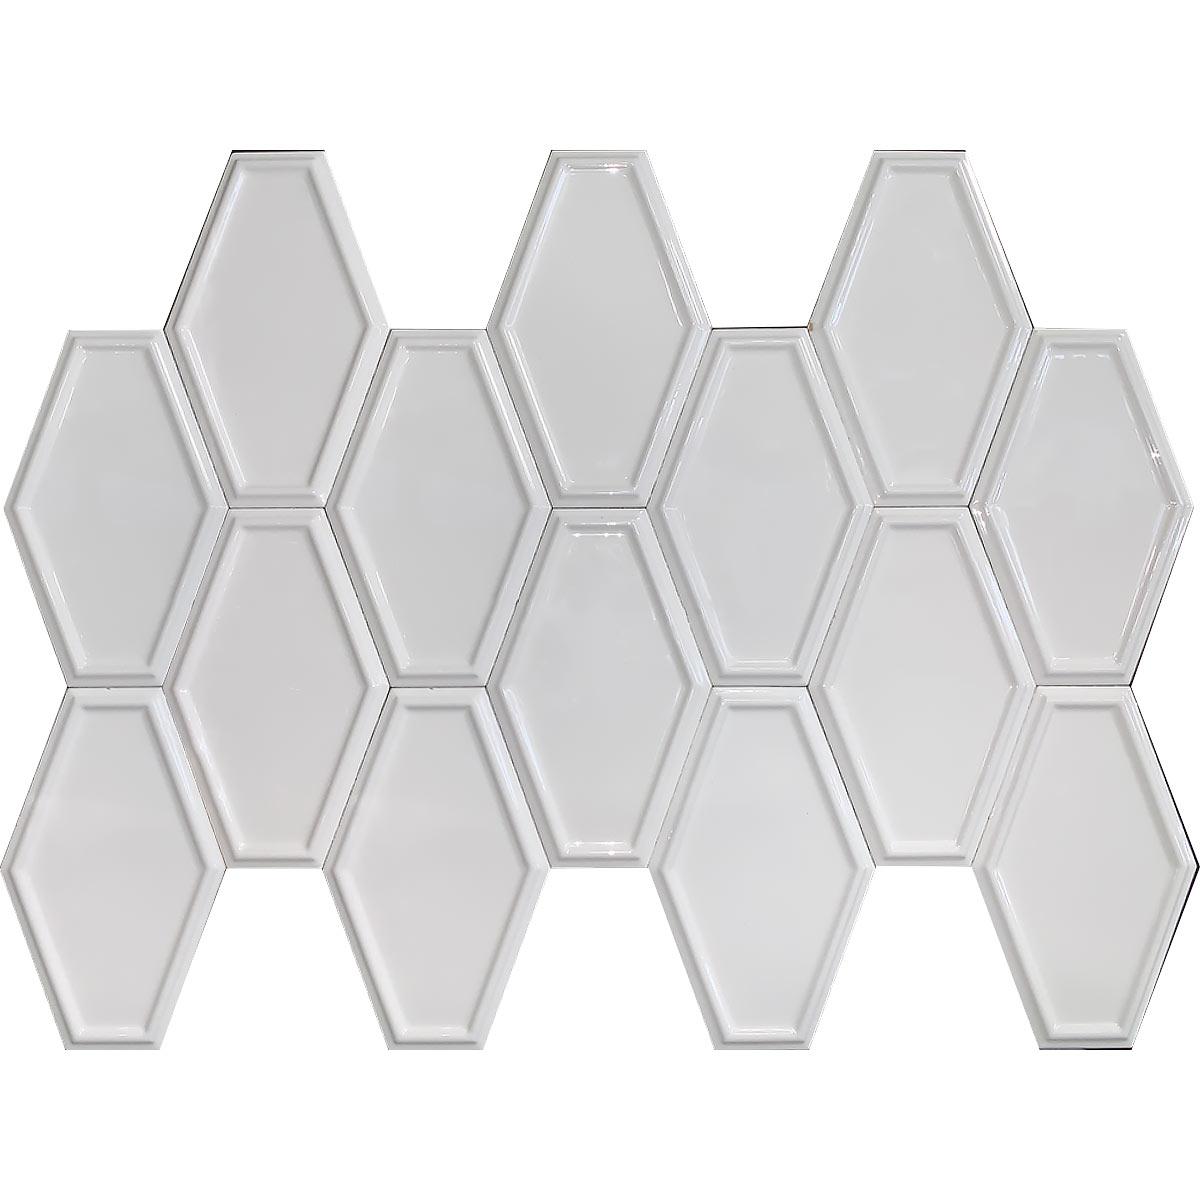 D00087 TART 3D O WHITE GLOSSY 1